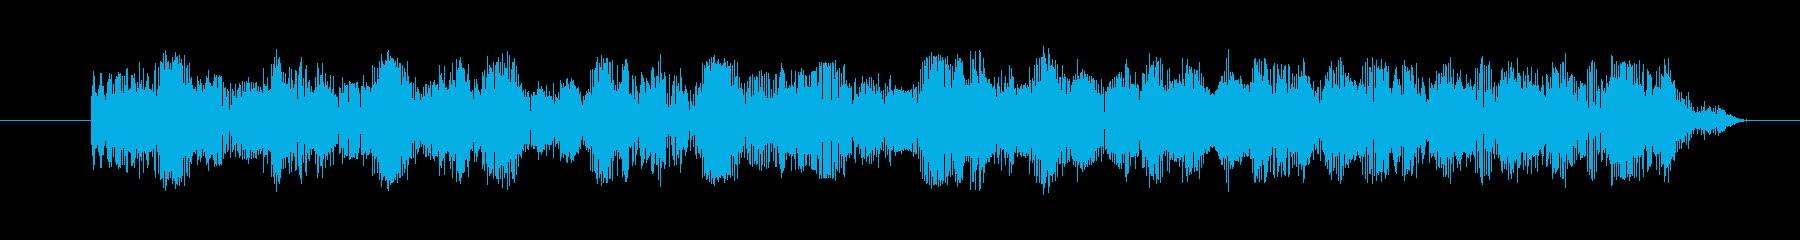 シンセ ショットエレクトロニック03の再生済みの波形